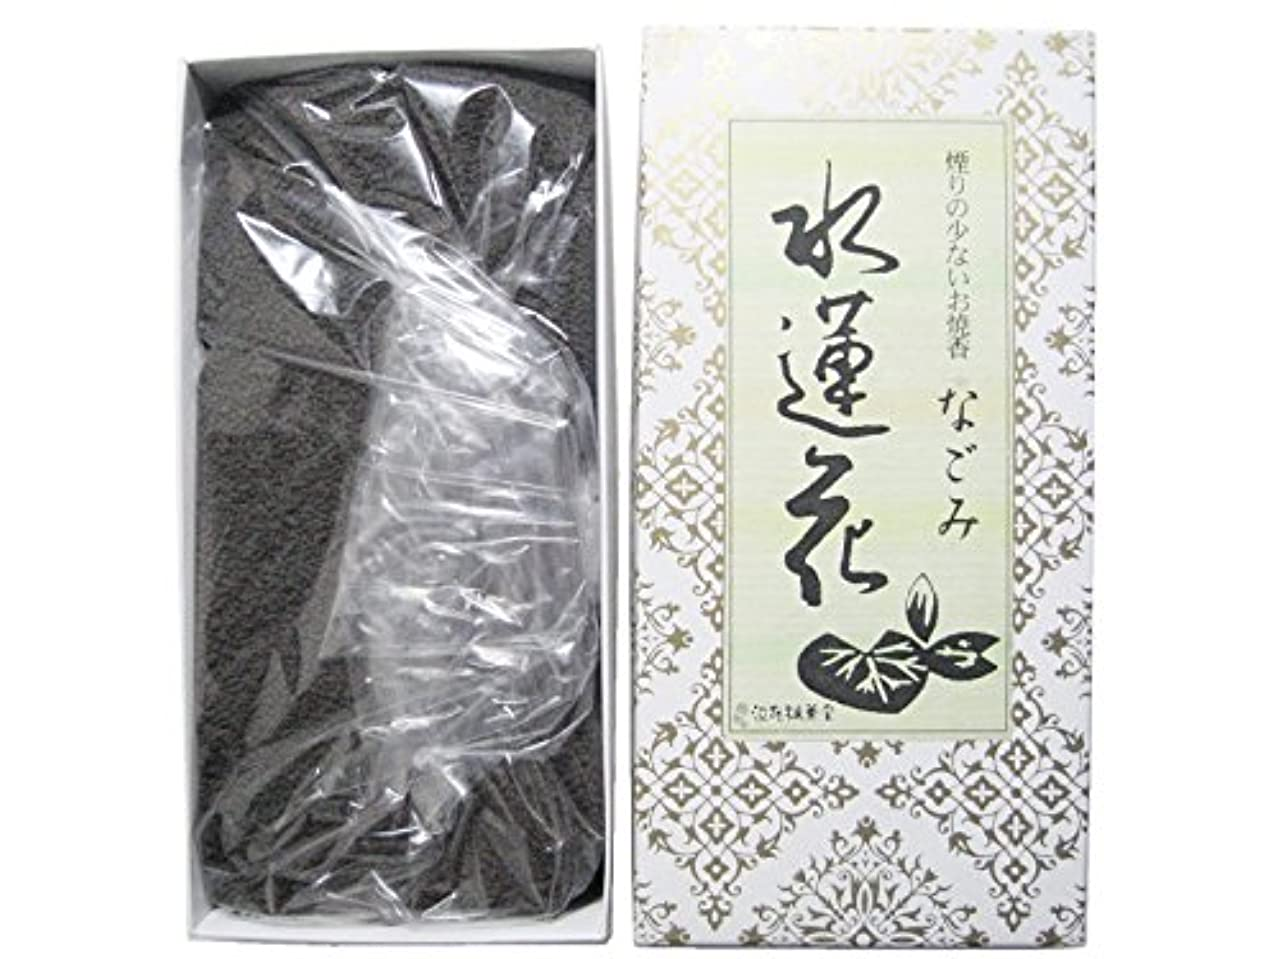 作曲家署名邪悪な淡路梅薫堂のお香 煙の少ないお焼香 なごみ 水蓮花 500g×30箱 #931